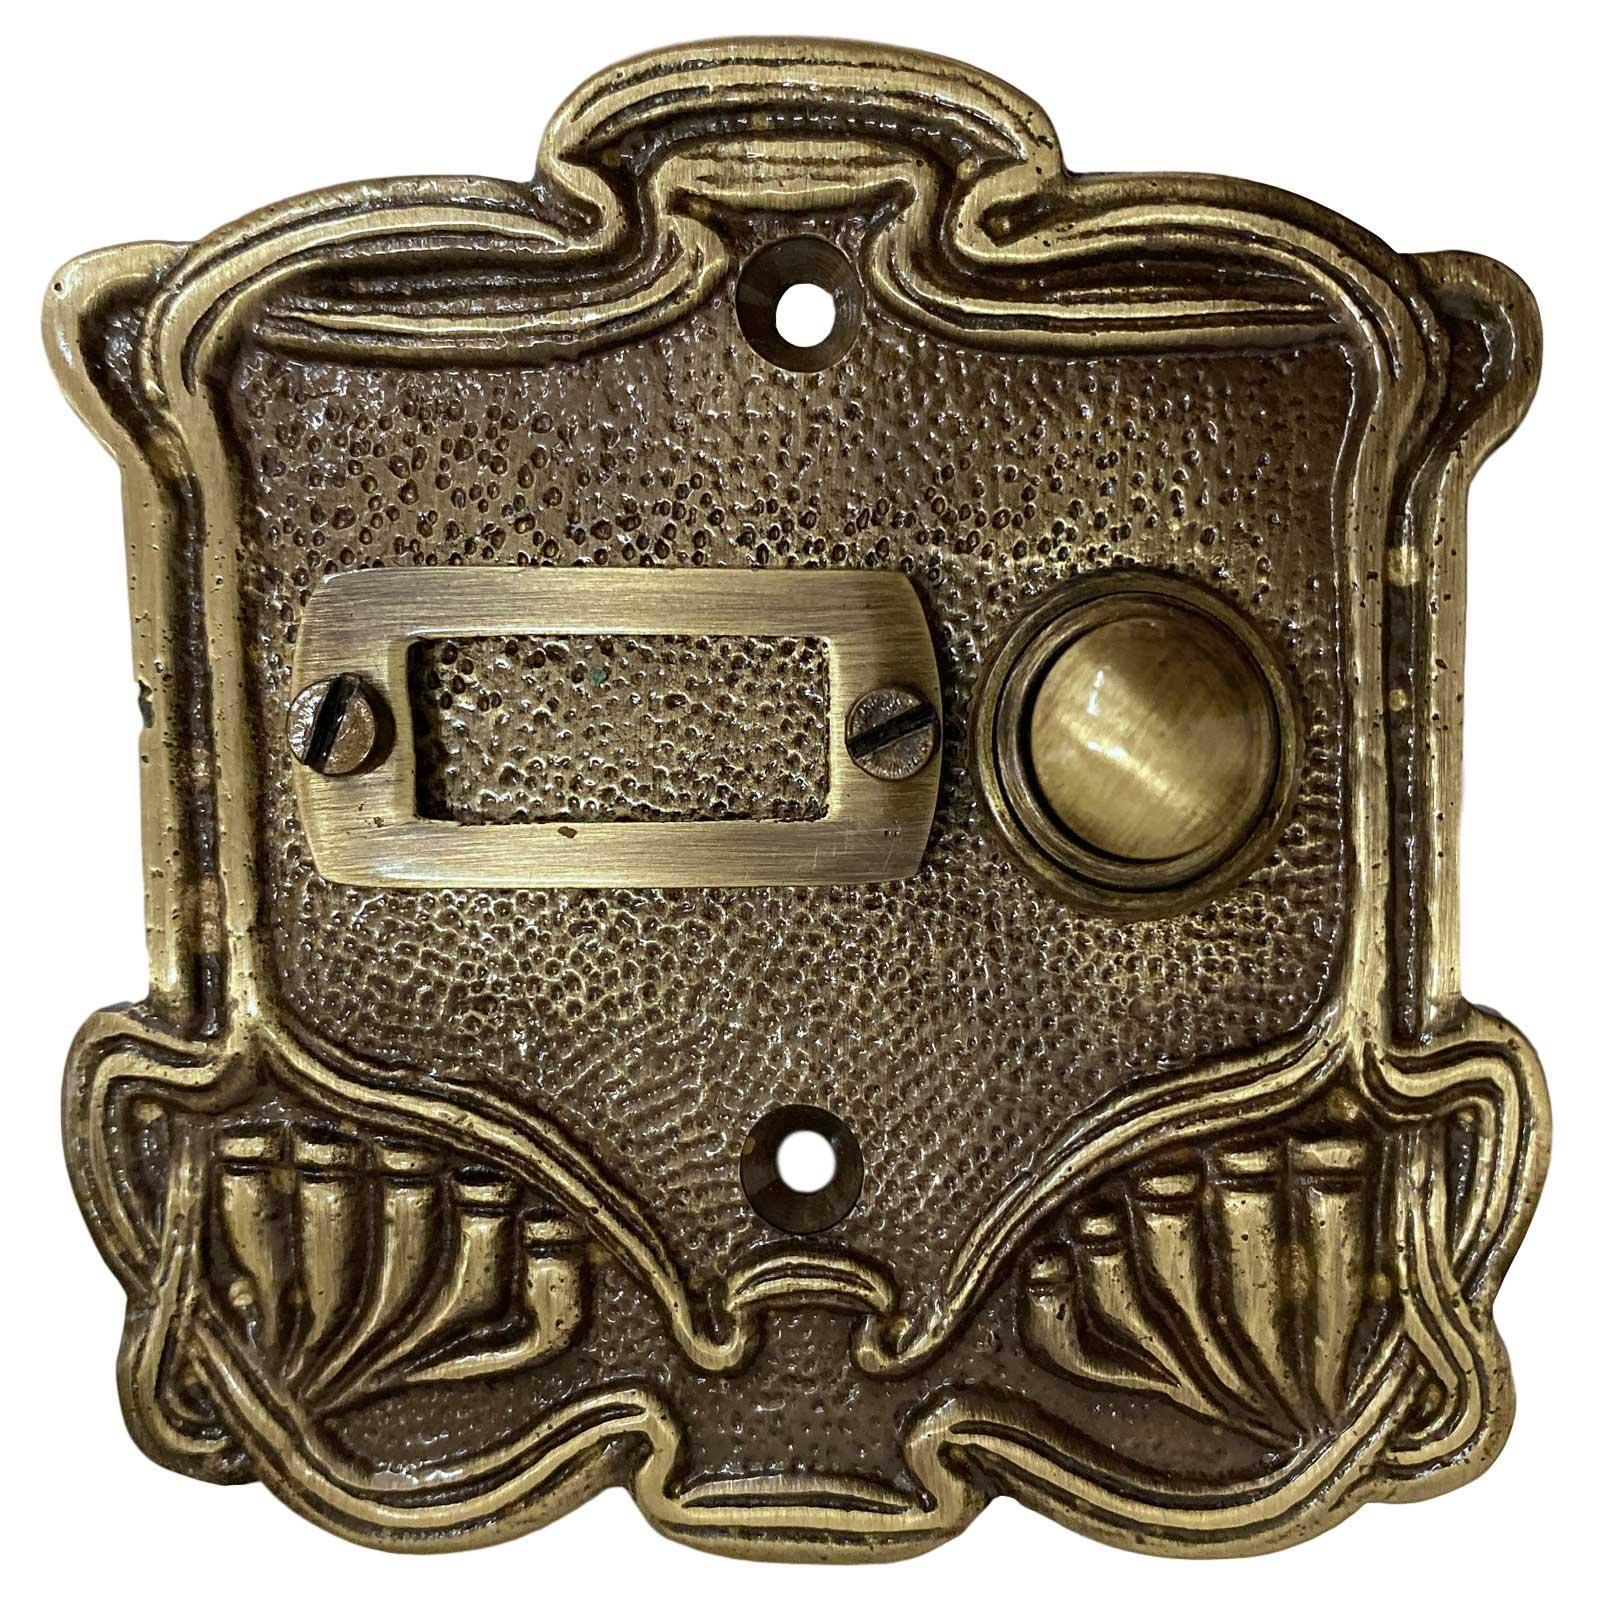 Klingel Türklingel Messing Jugendstil-Antik-Stil Klingelschild Klingelplatte